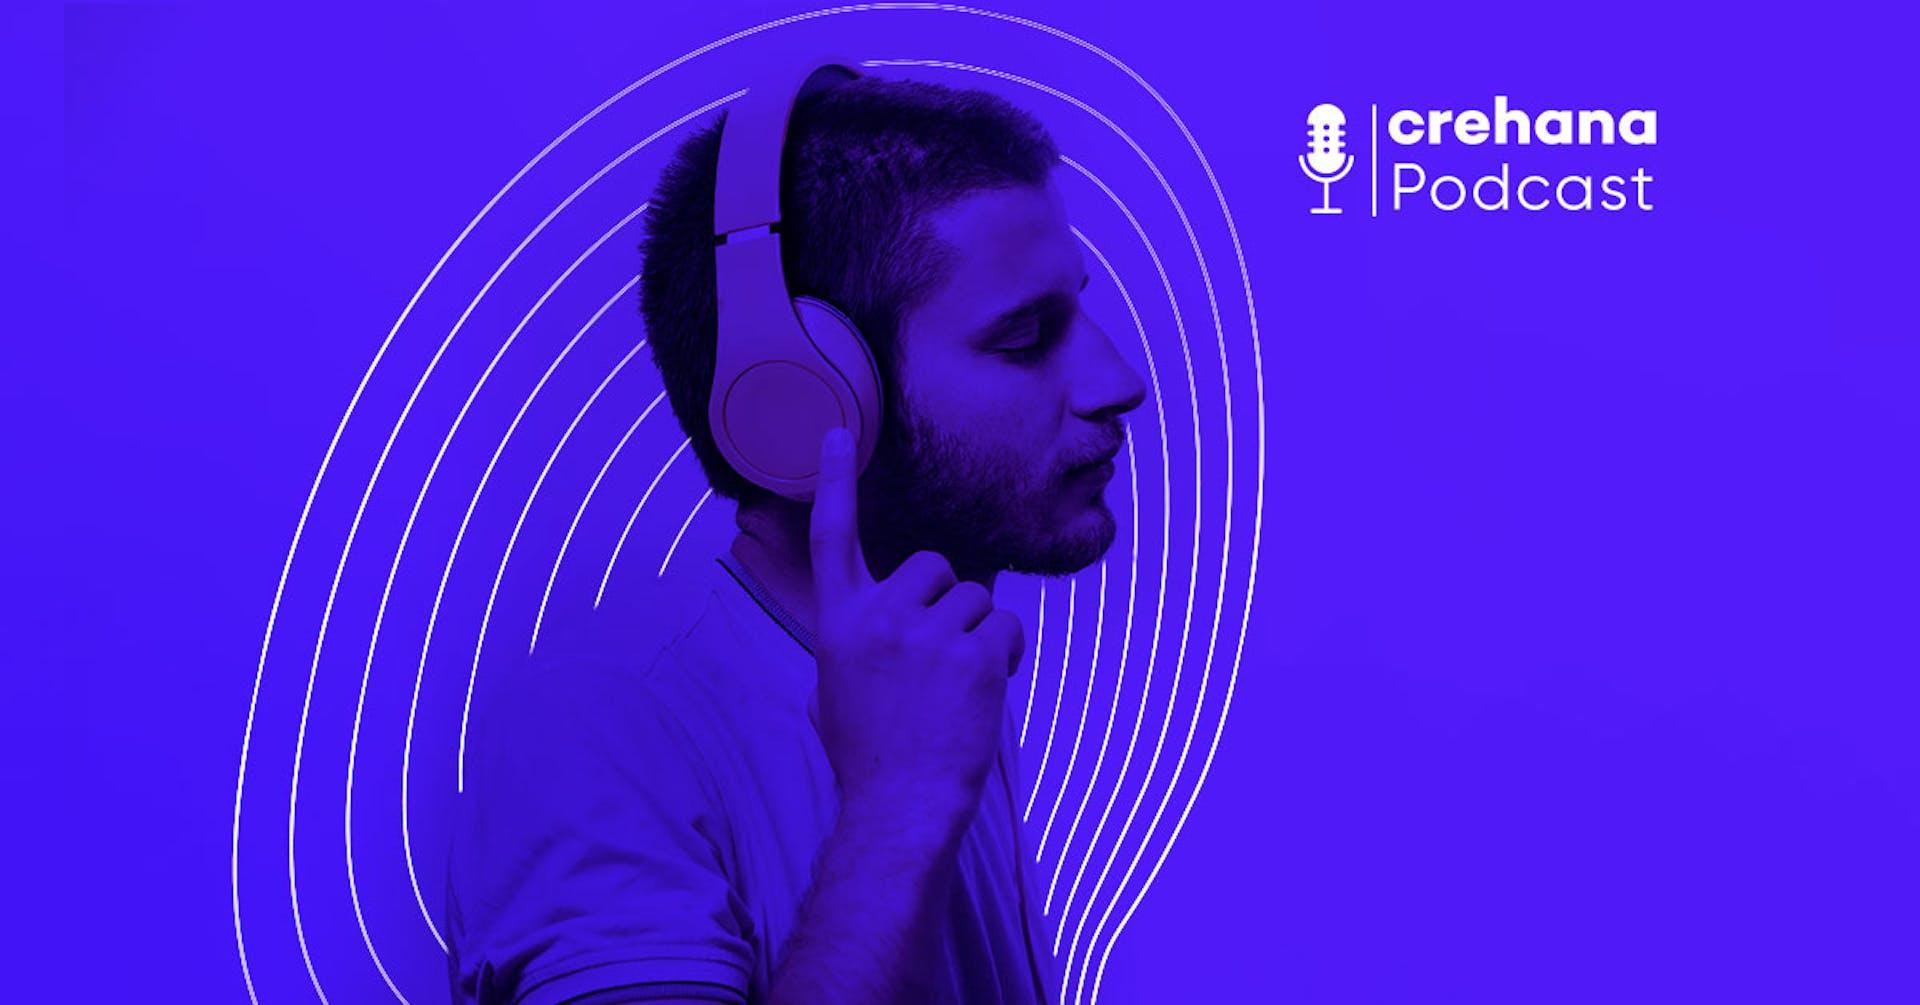 Los Crehana Podcast que necesitas escuchar ¡ya!